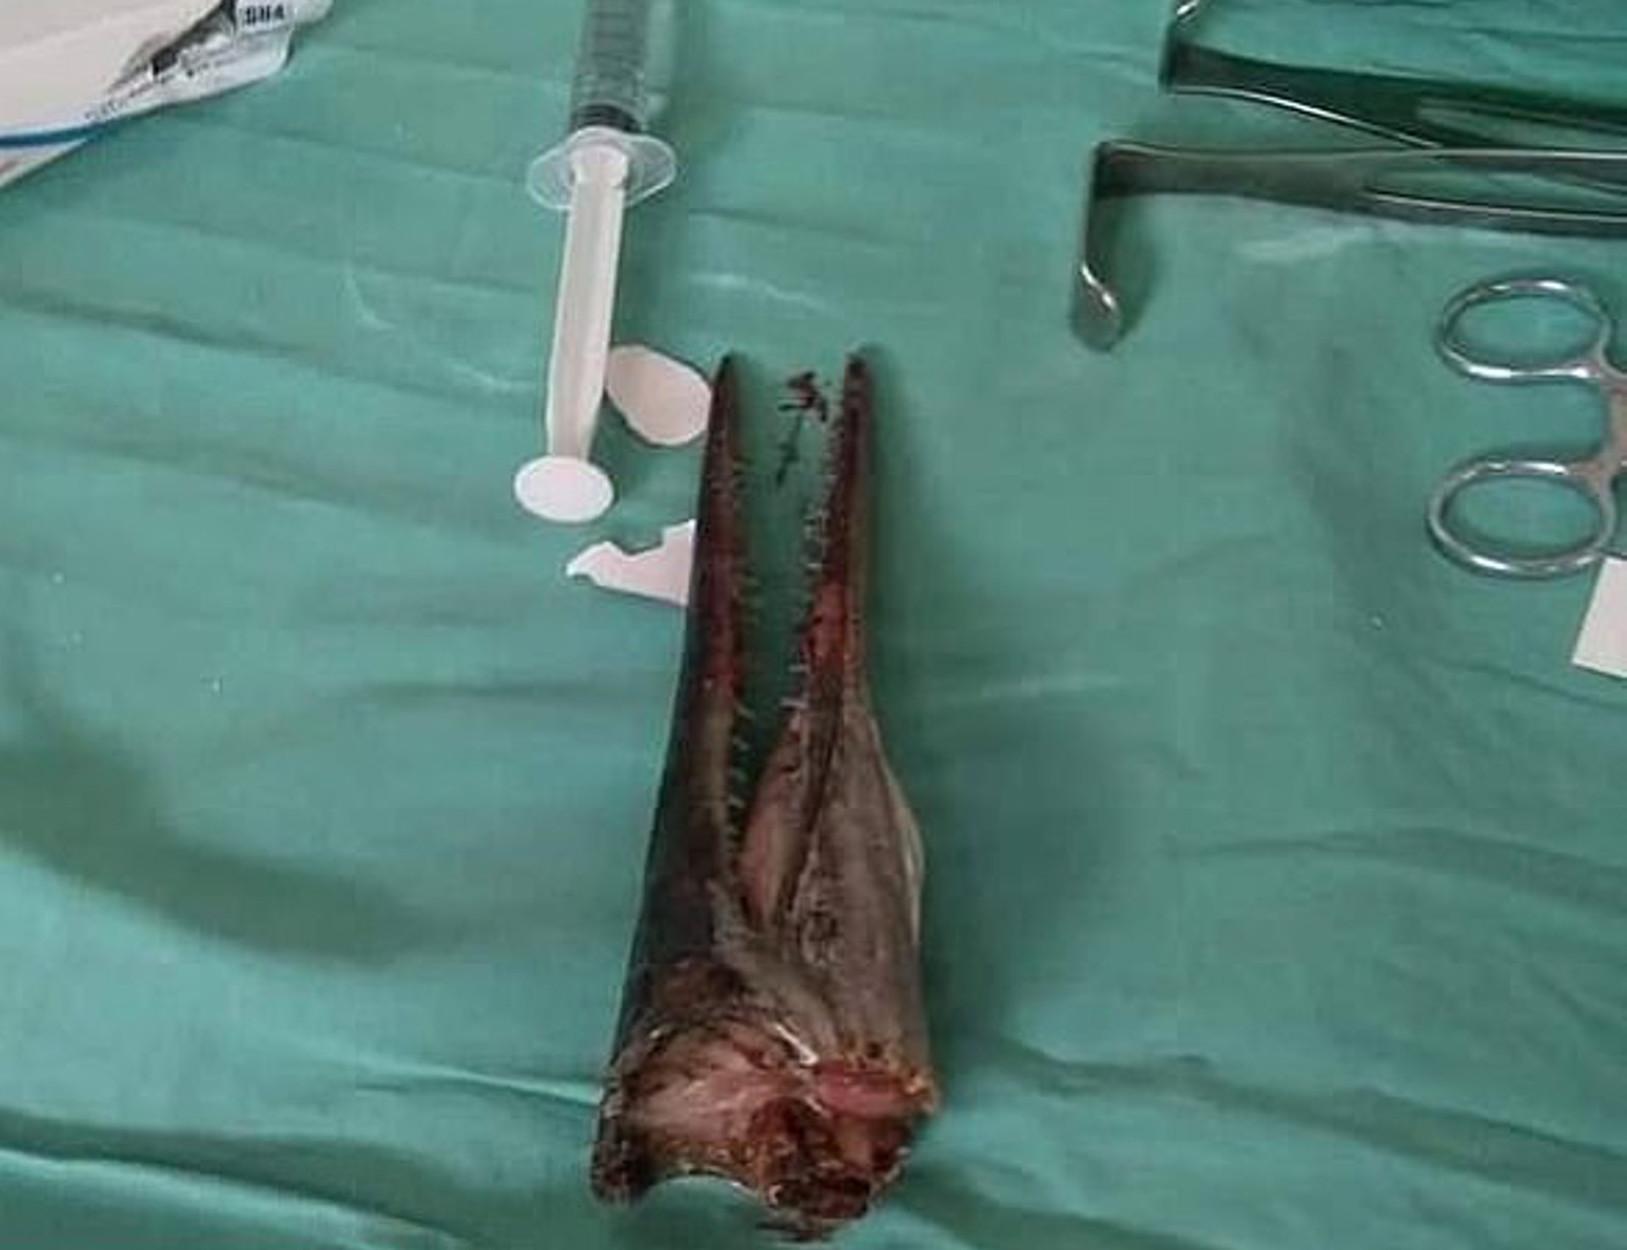 Ψάρι πήδηξε από το νερό και κάρφωσε 16χρονο στον λαιμό! ΣΚΛΗΡΕΣ ΕΙΚΟΝΕΣ